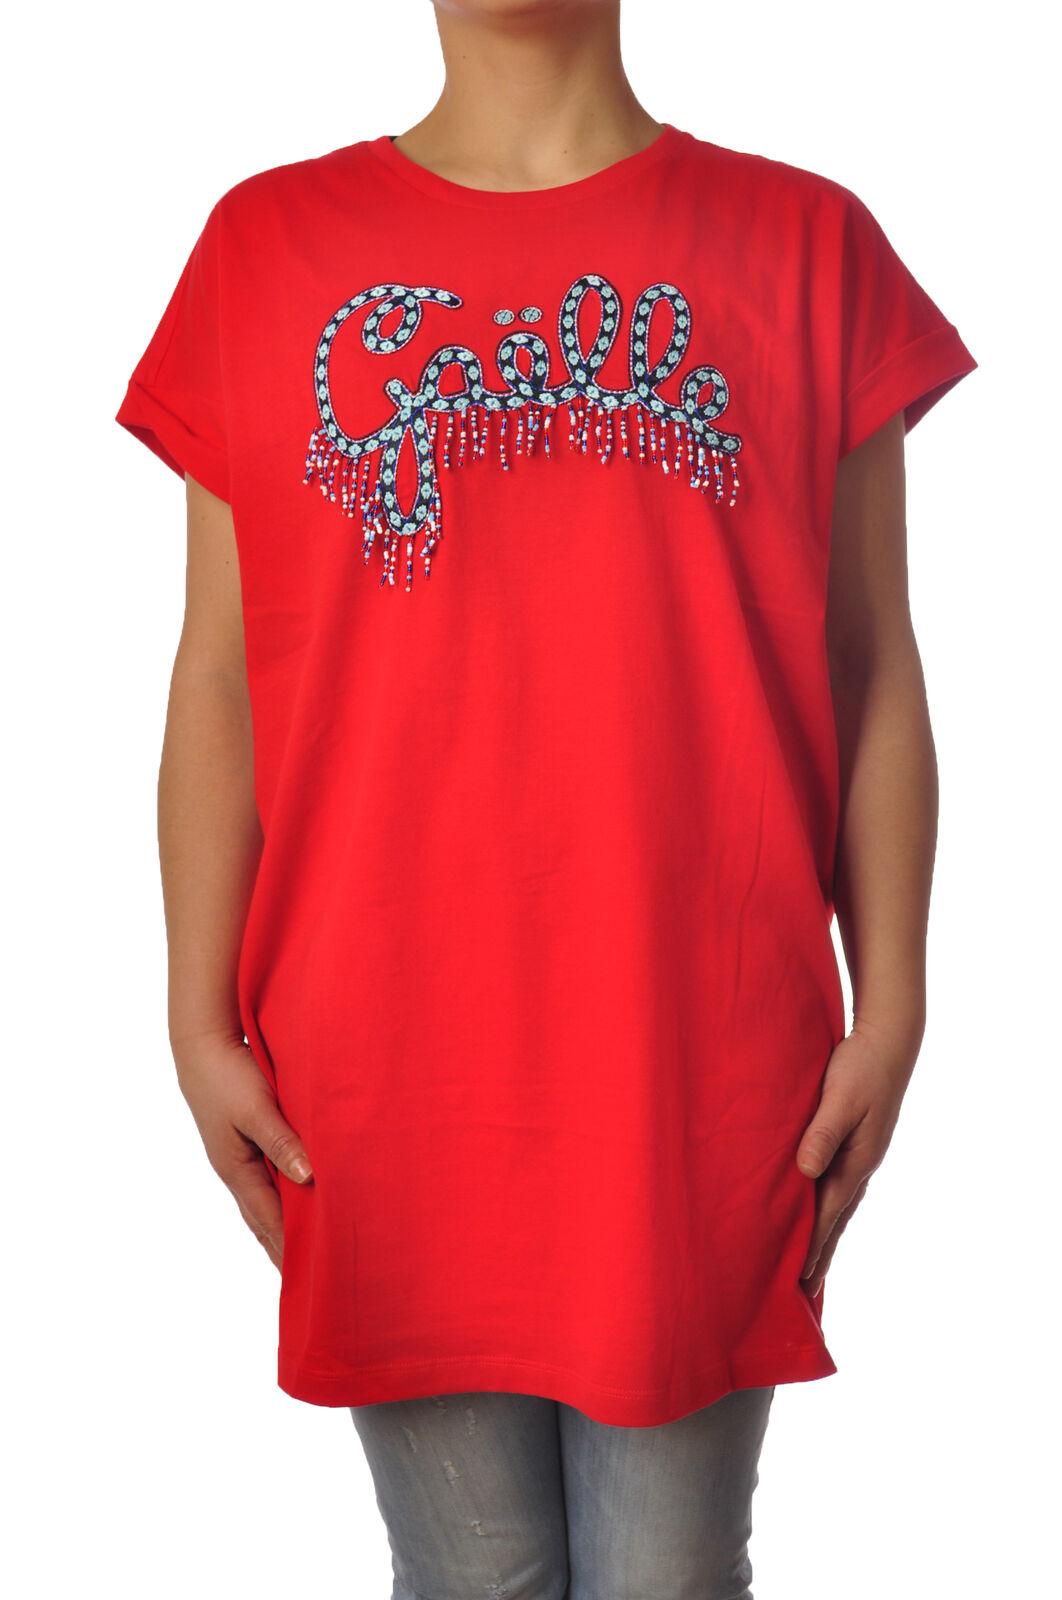 Gaëlle Paris - Abiti-Abito - mujer - rojo -  4937522F181358  centro comercial de moda